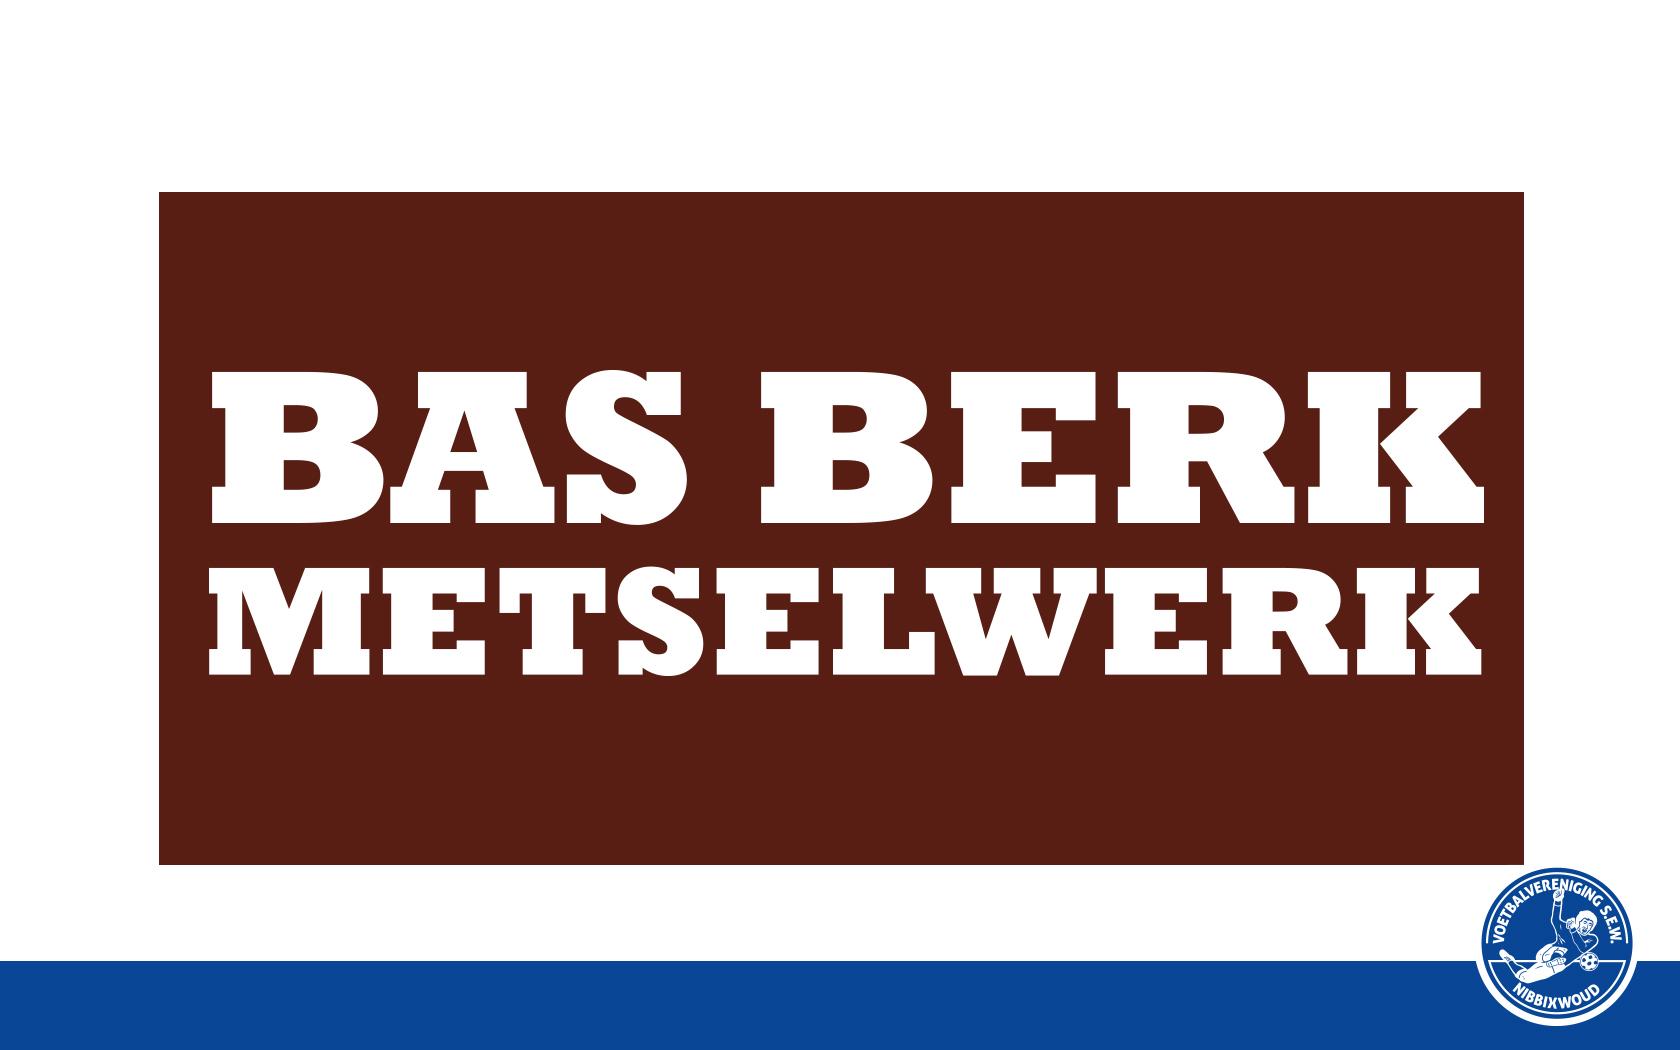 Bas Berk Metselwerk